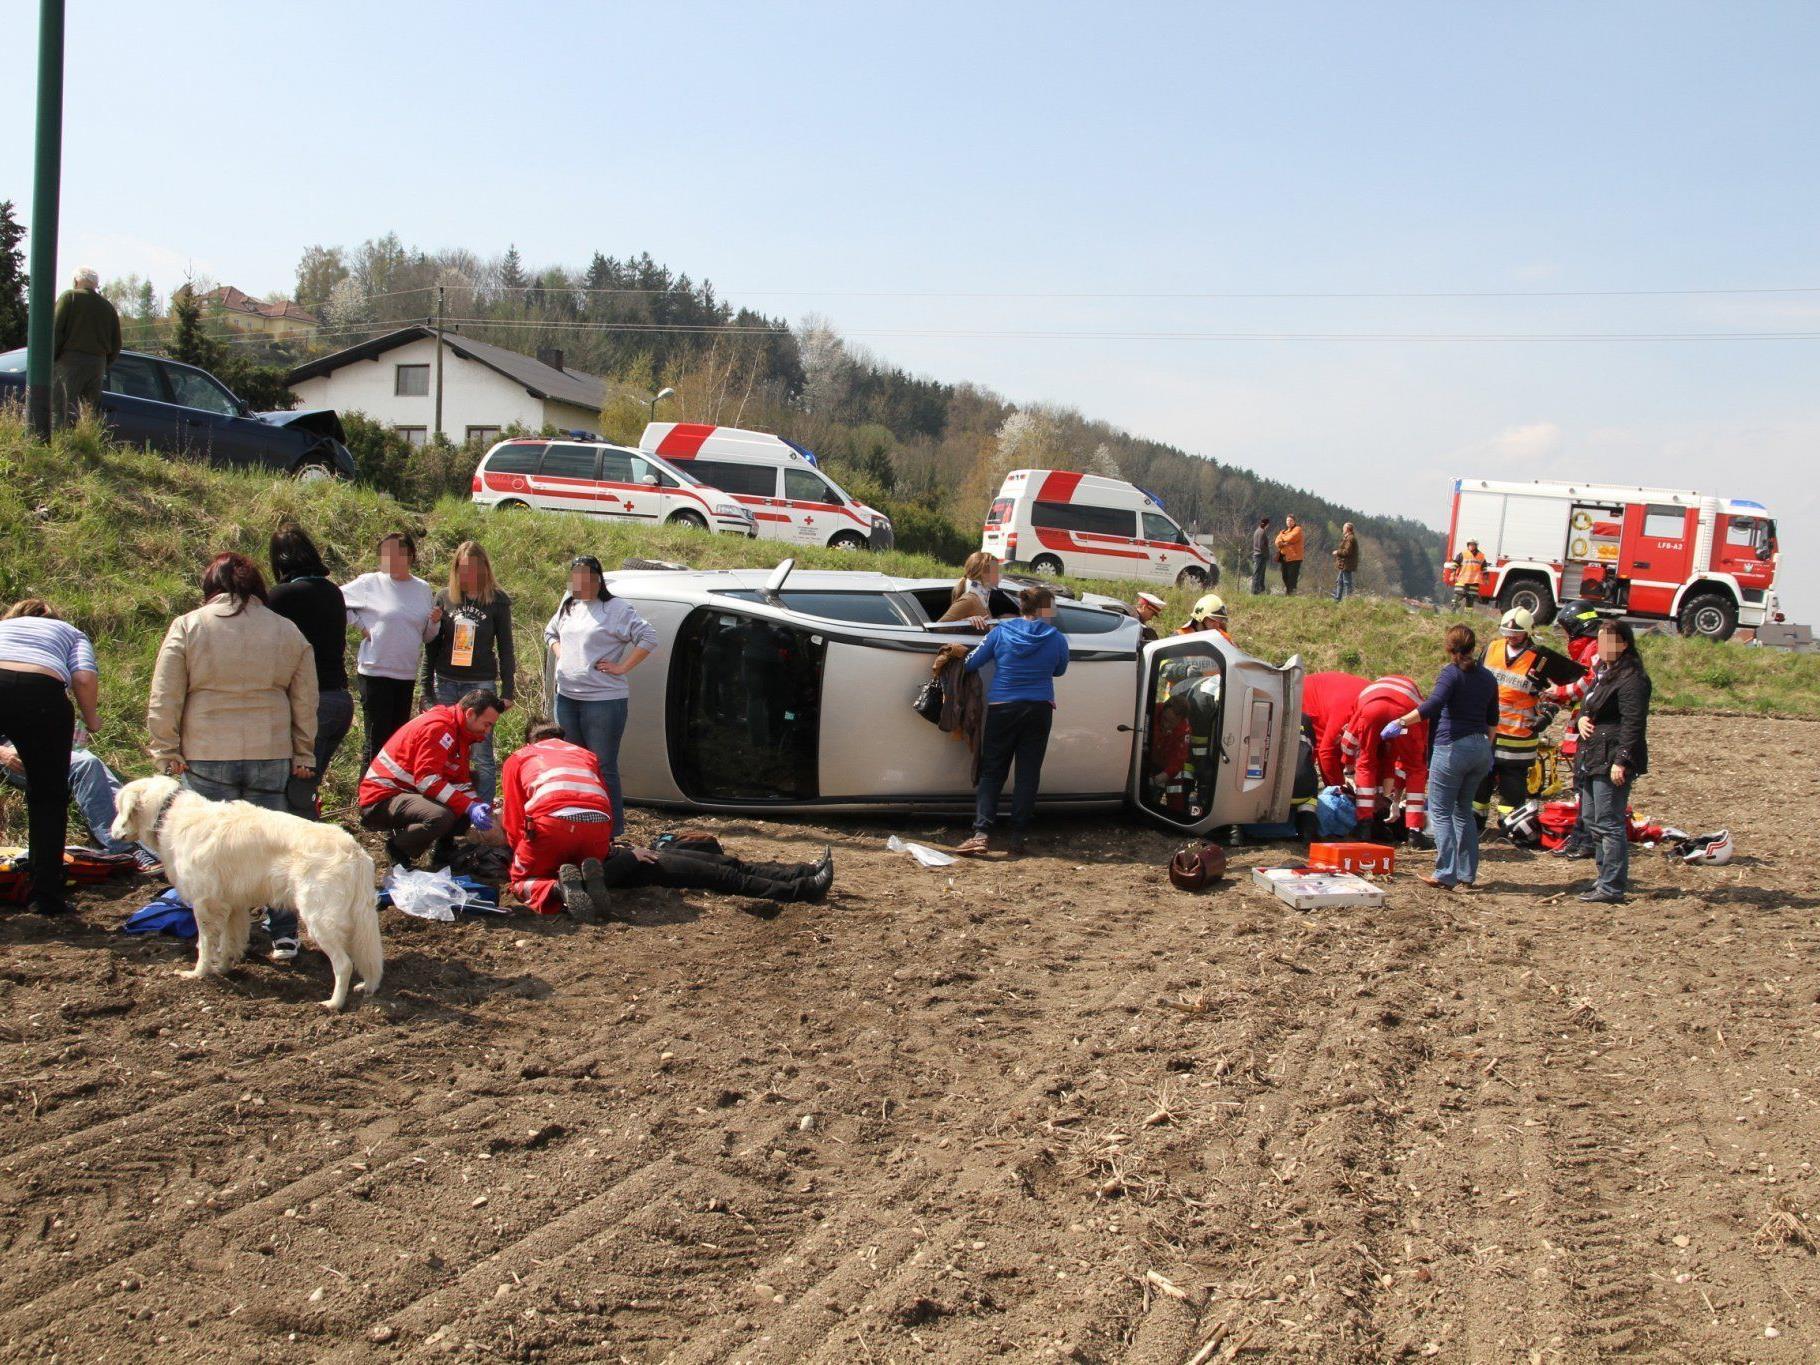 Insgesamt wurden acht Personen verletzt, eine davon schwer.